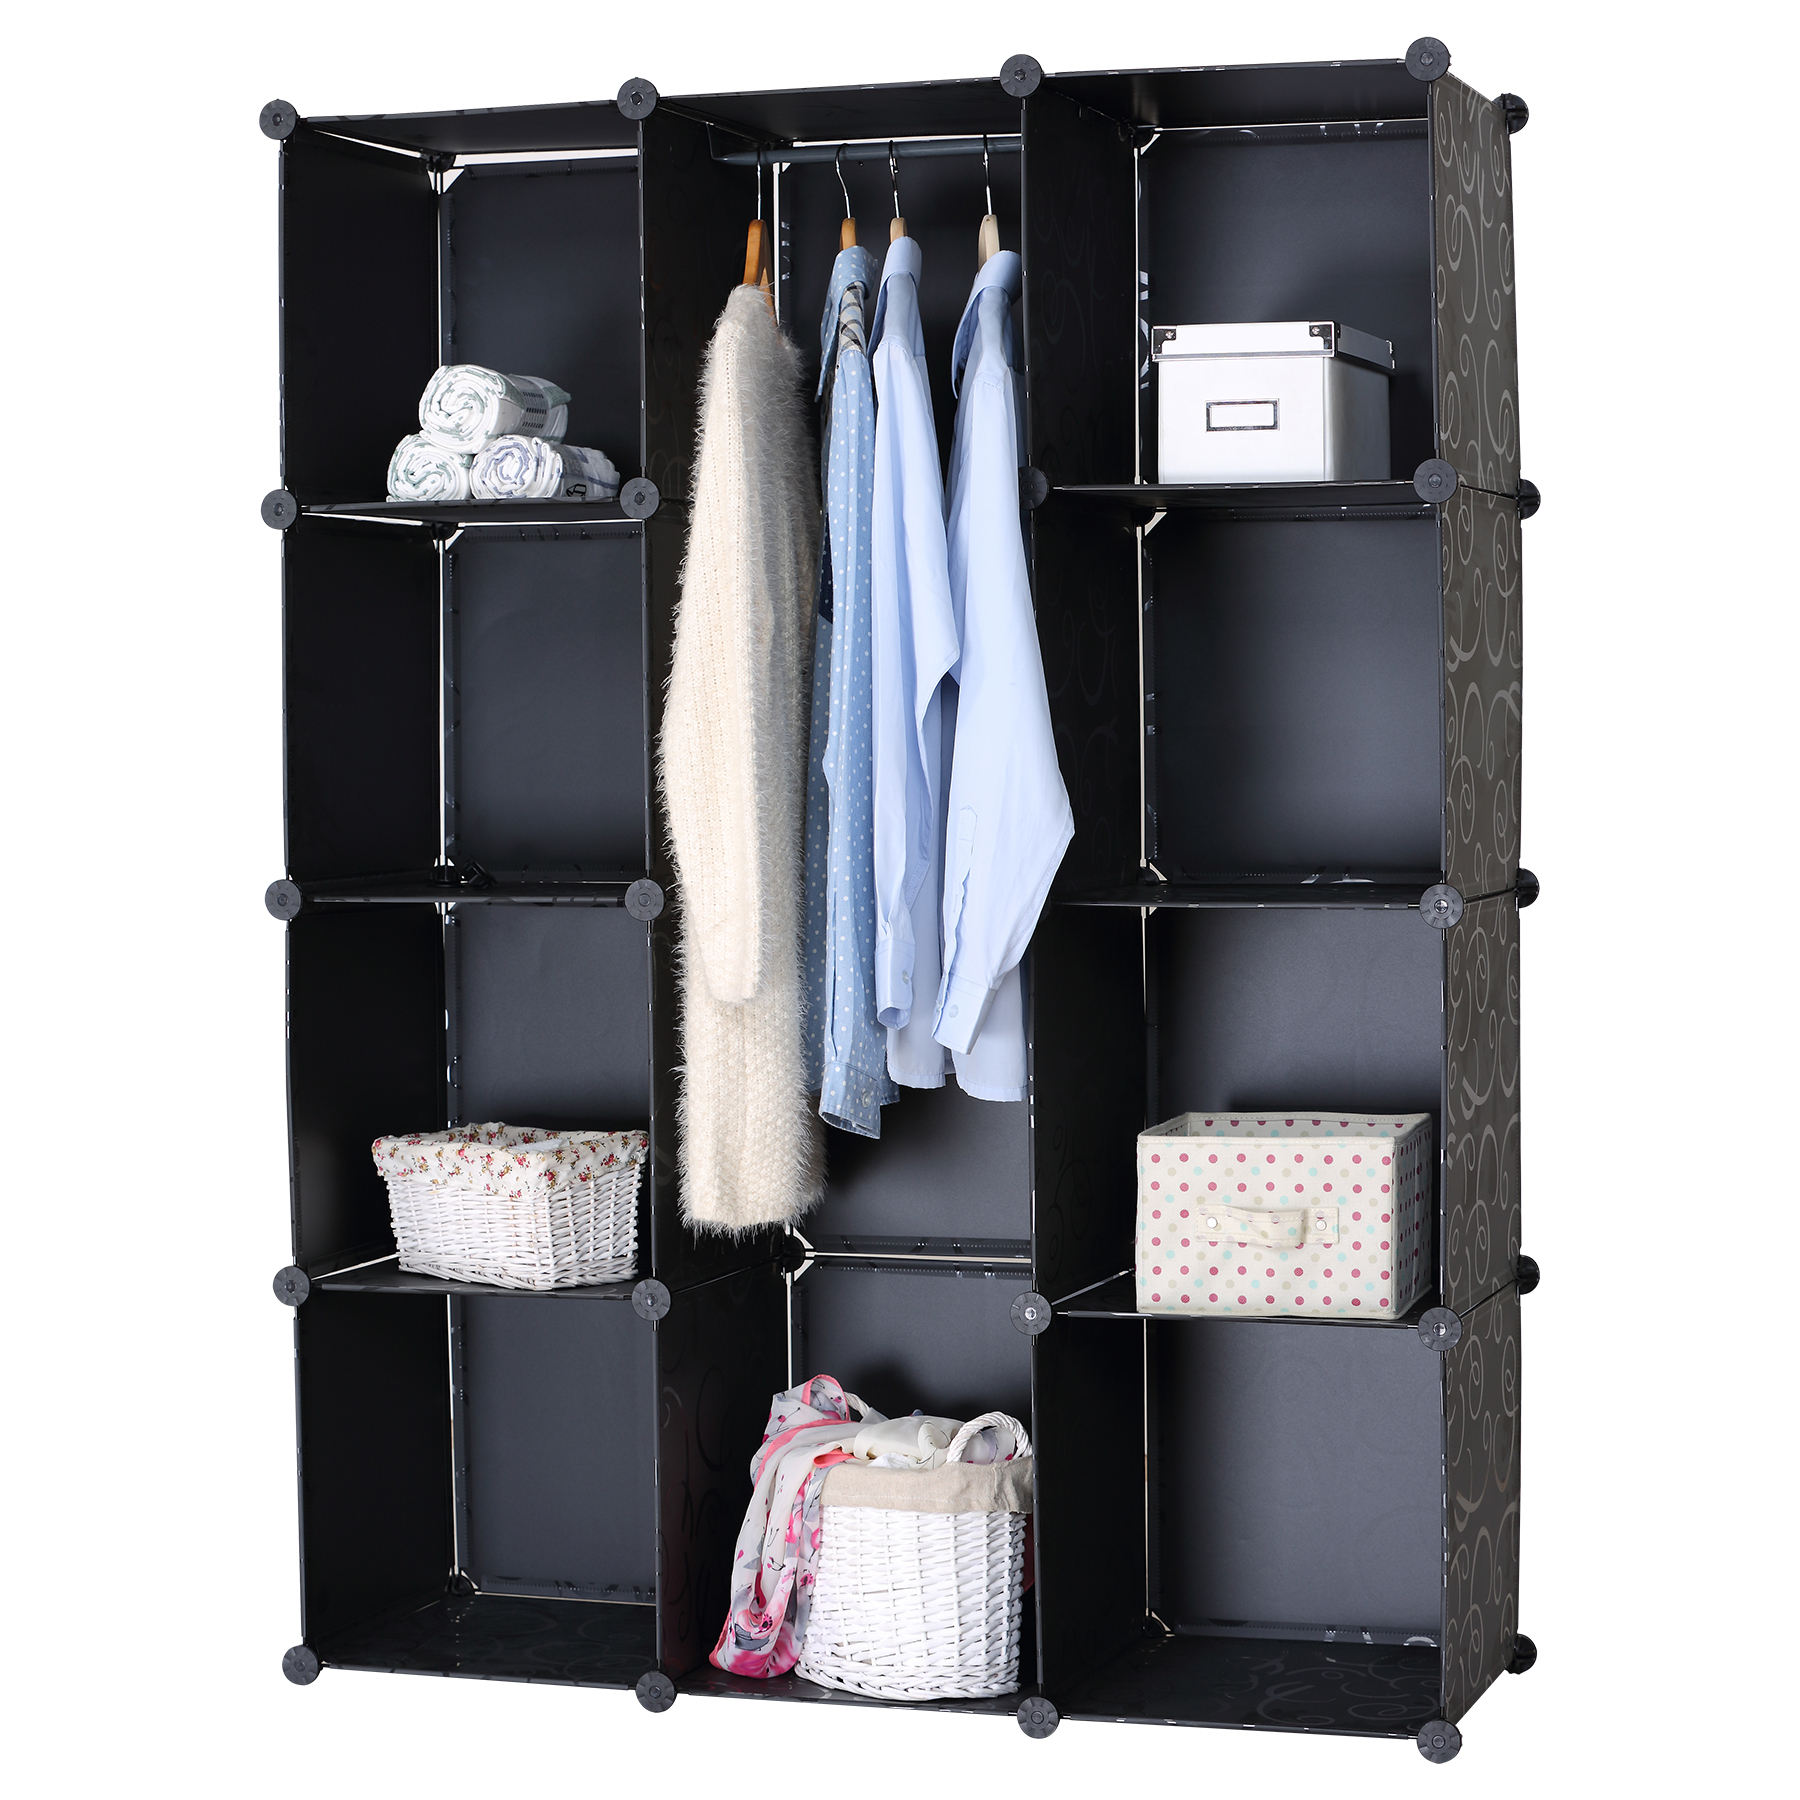 regalsystem kleiderschrank garderobenschrank kunststoff. Black Bedroom Furniture Sets. Home Design Ideas